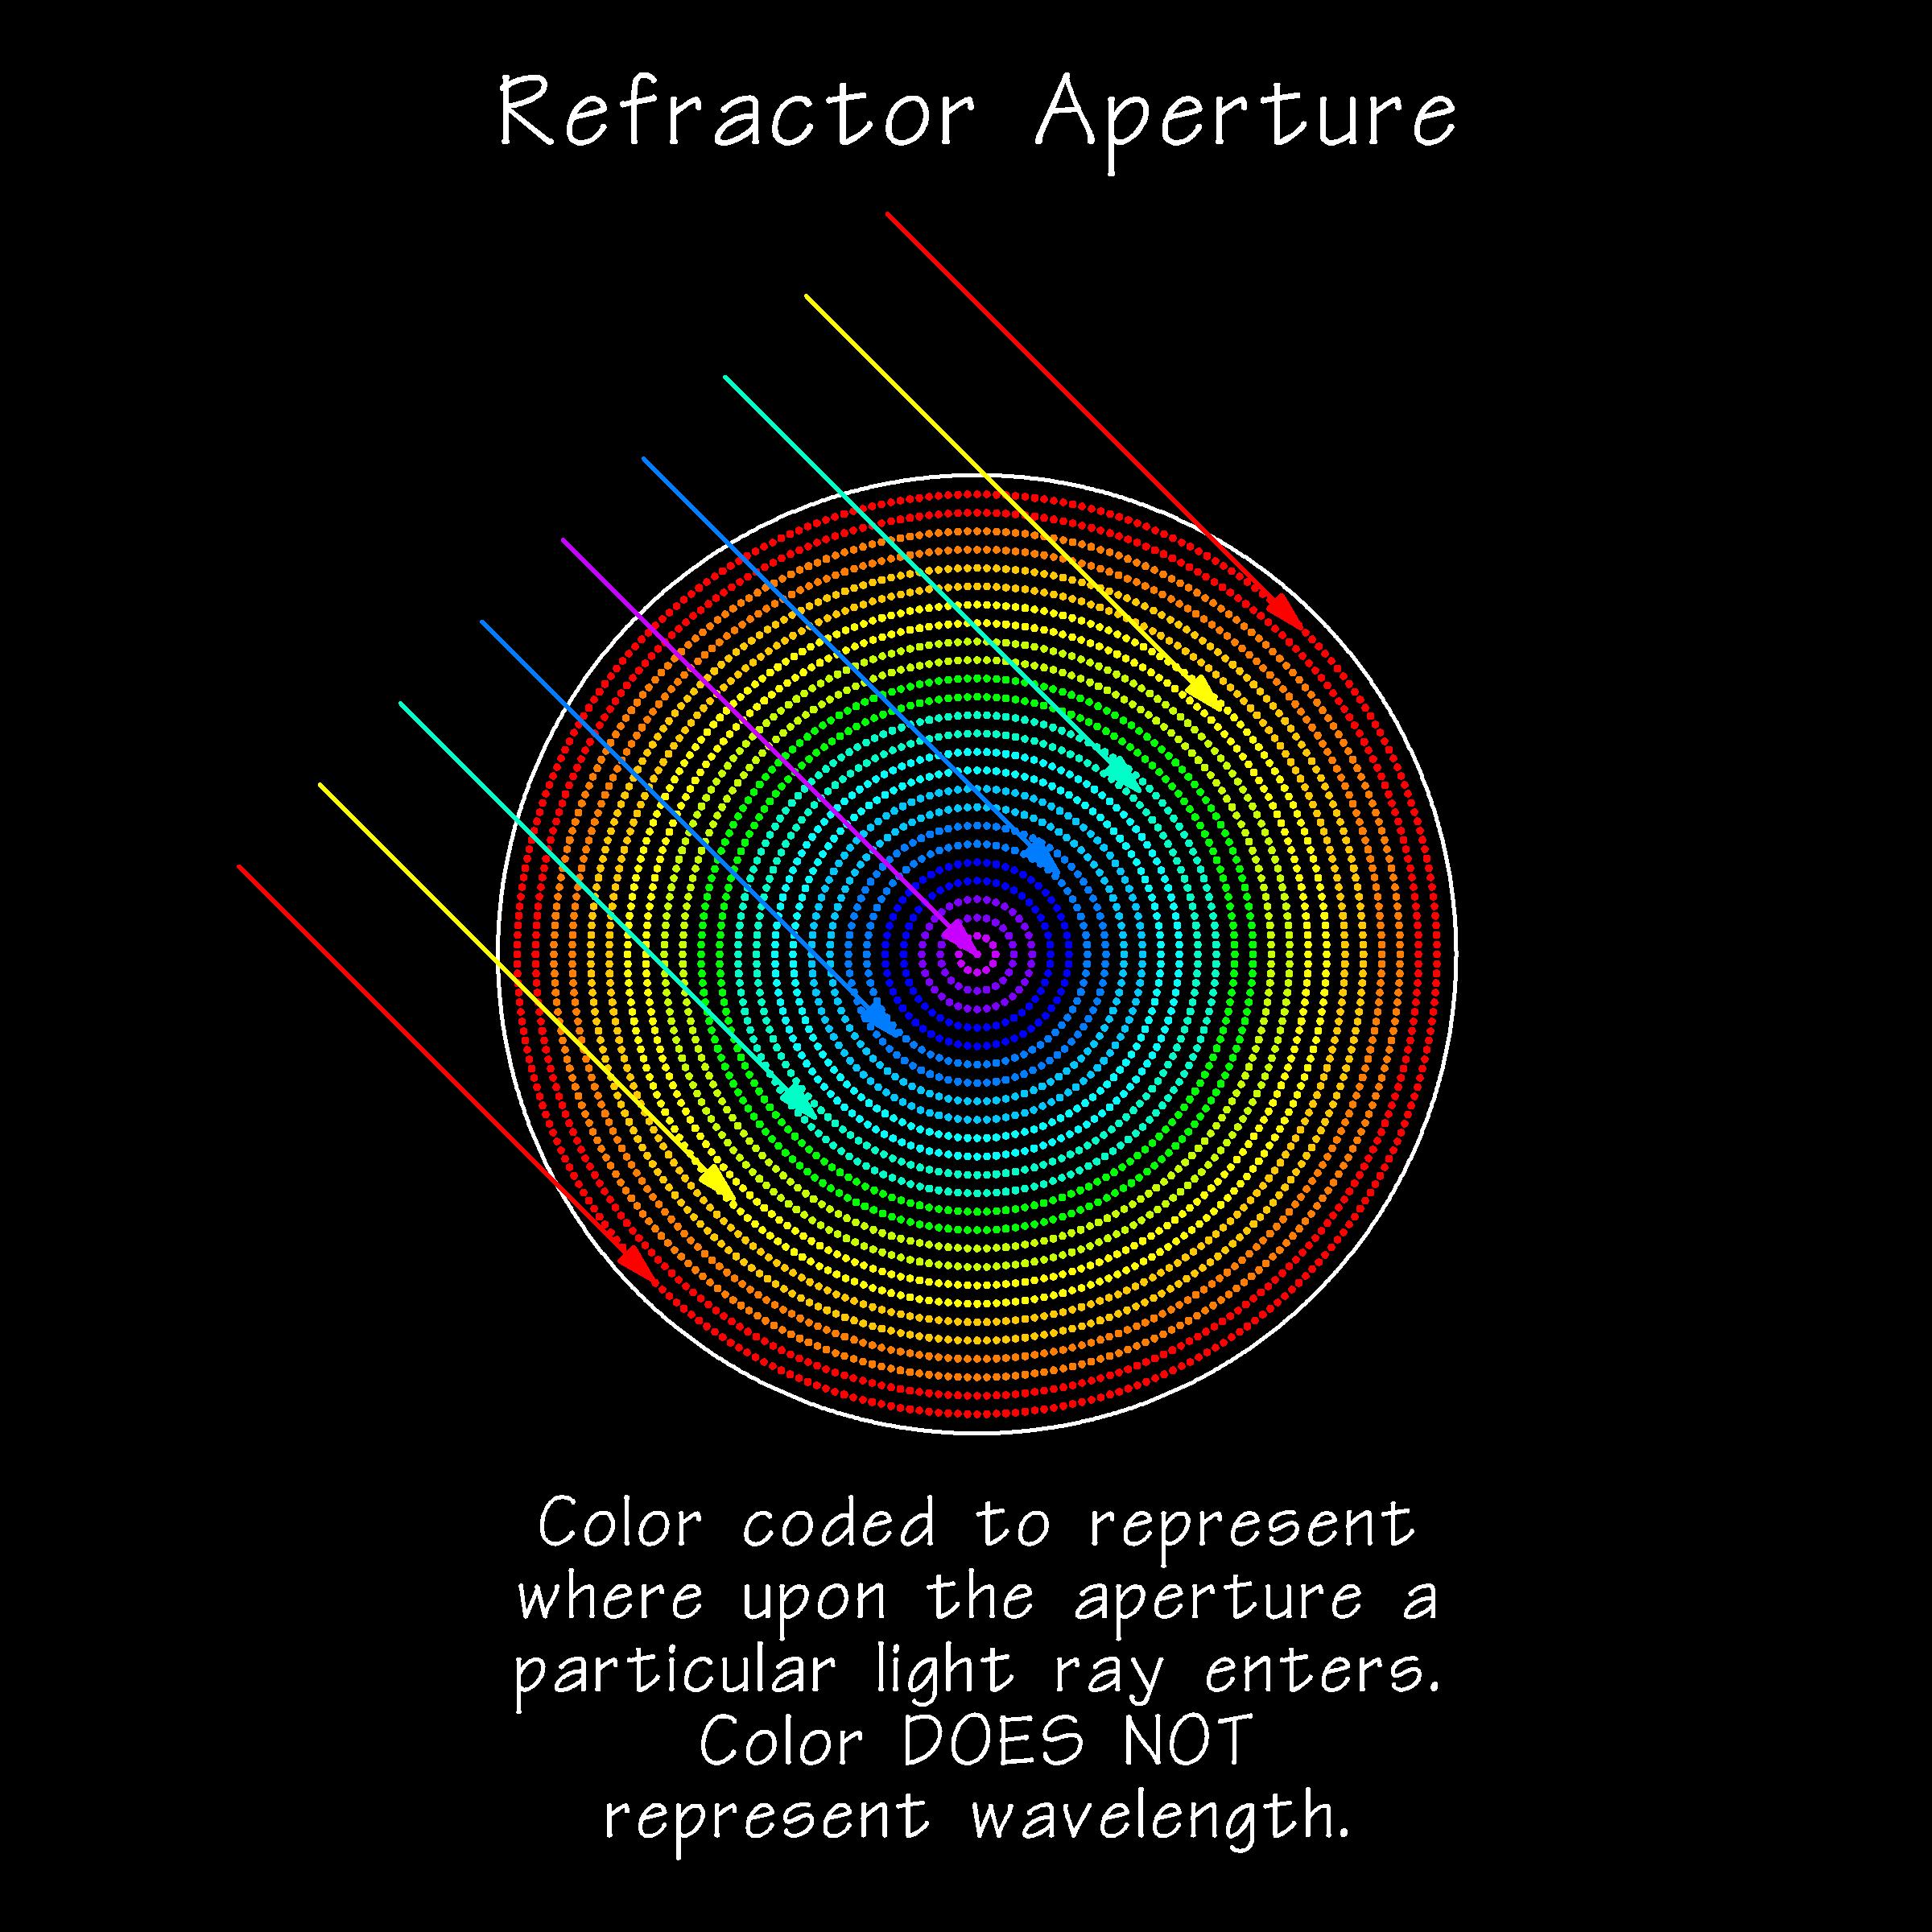 RefractorApertureSpotDiagram